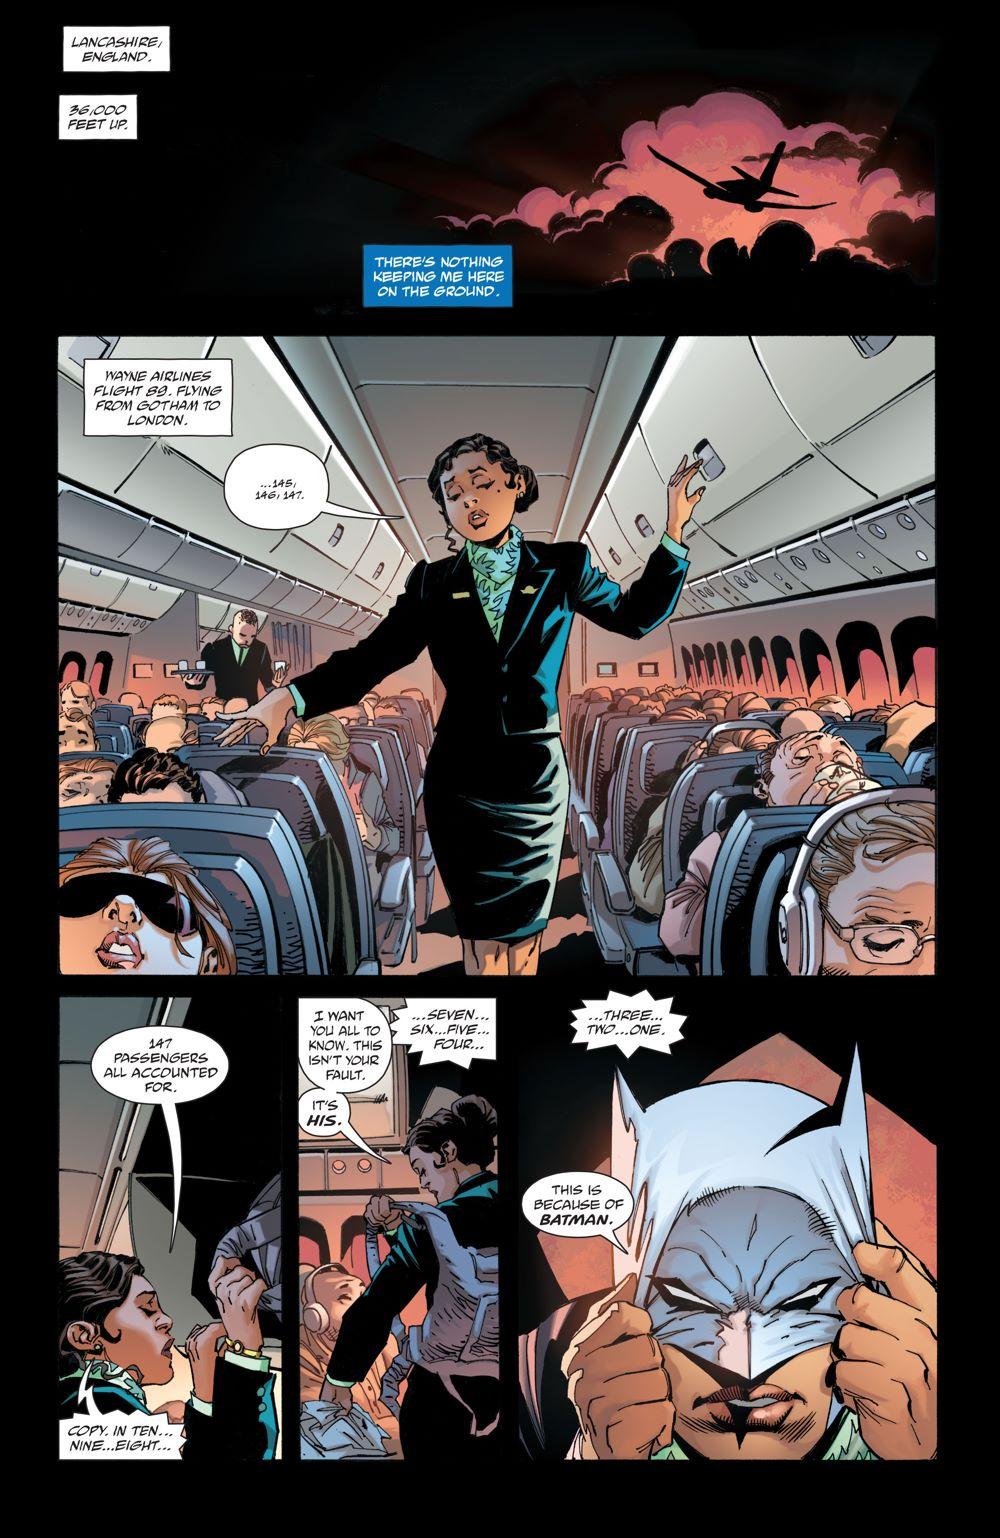 BM_DET_01-4_6070a915ecce53.83195315 ComicList Previews: BATMAN THE DETECTIVE #1 (OF 6)